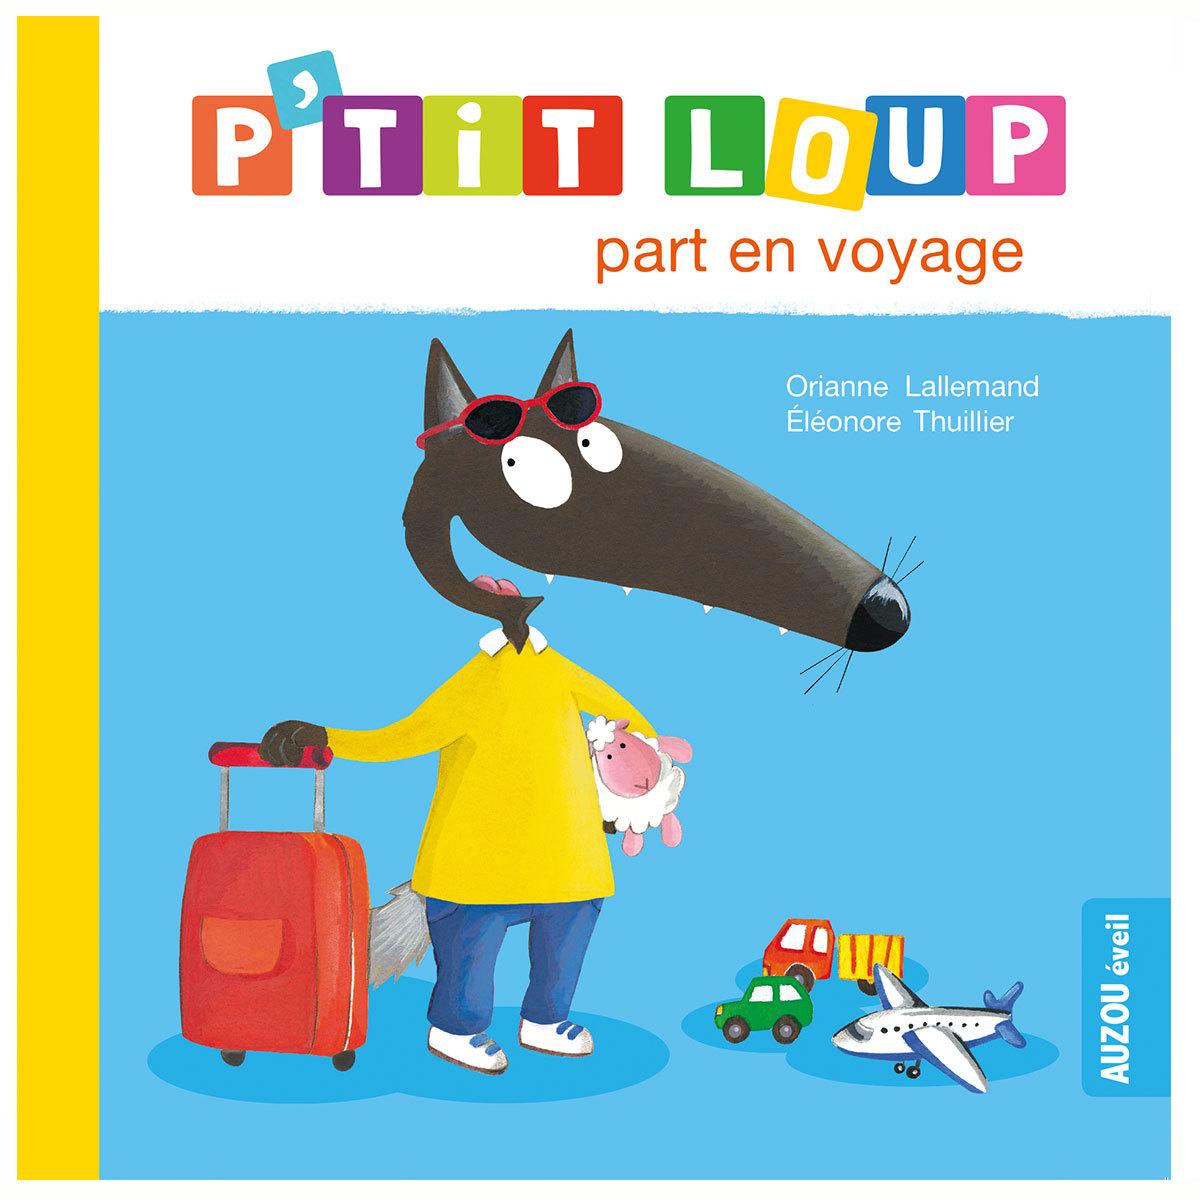 Livre & Carte P'tit Loup part en voyage